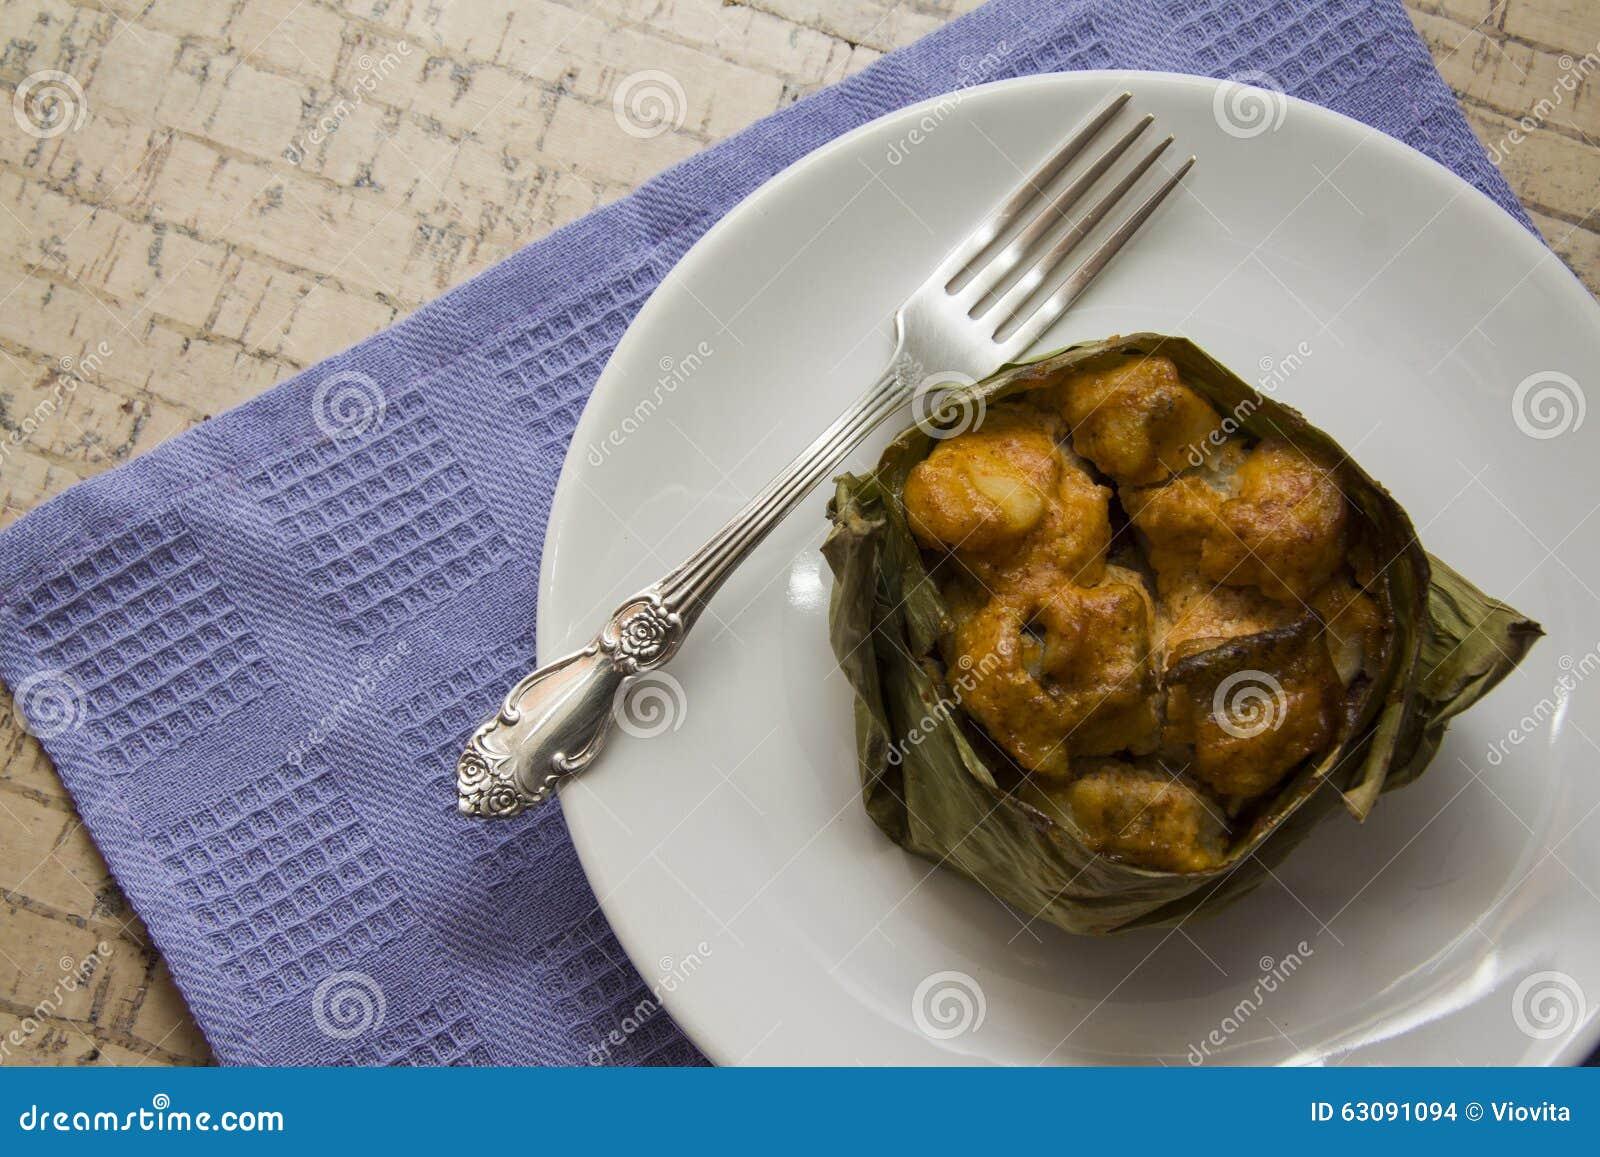 Download Morues préparées photo stock. Image du grillé, personne - 63091094